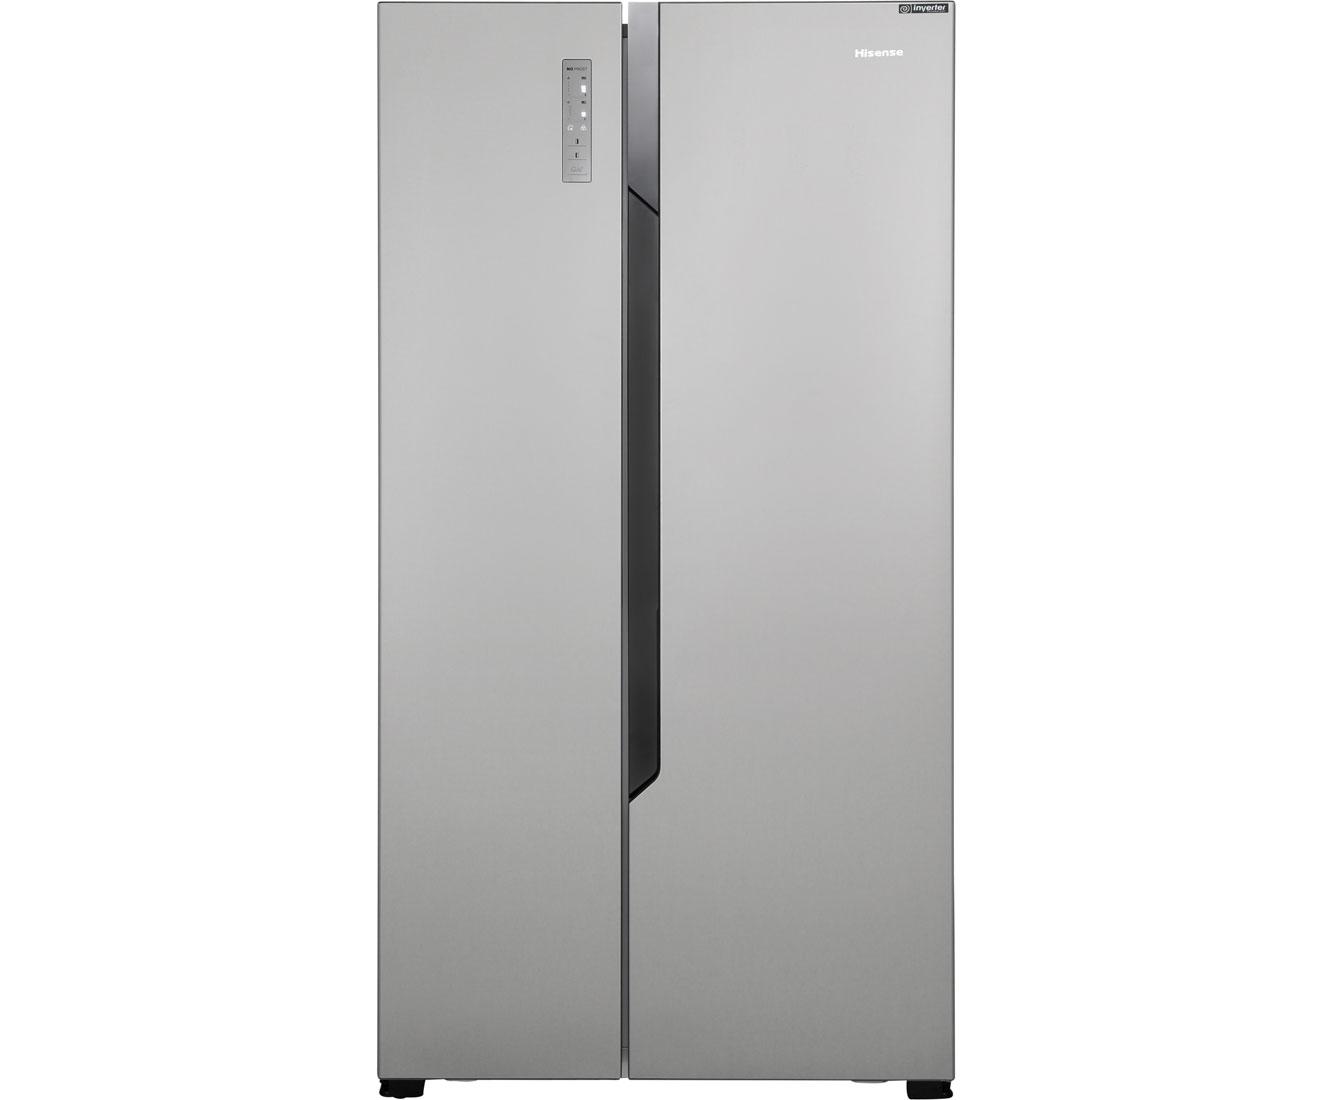 Kühlschrank Nofrost : Kühlschrank no frost a preisvergleich u die besten angebote online